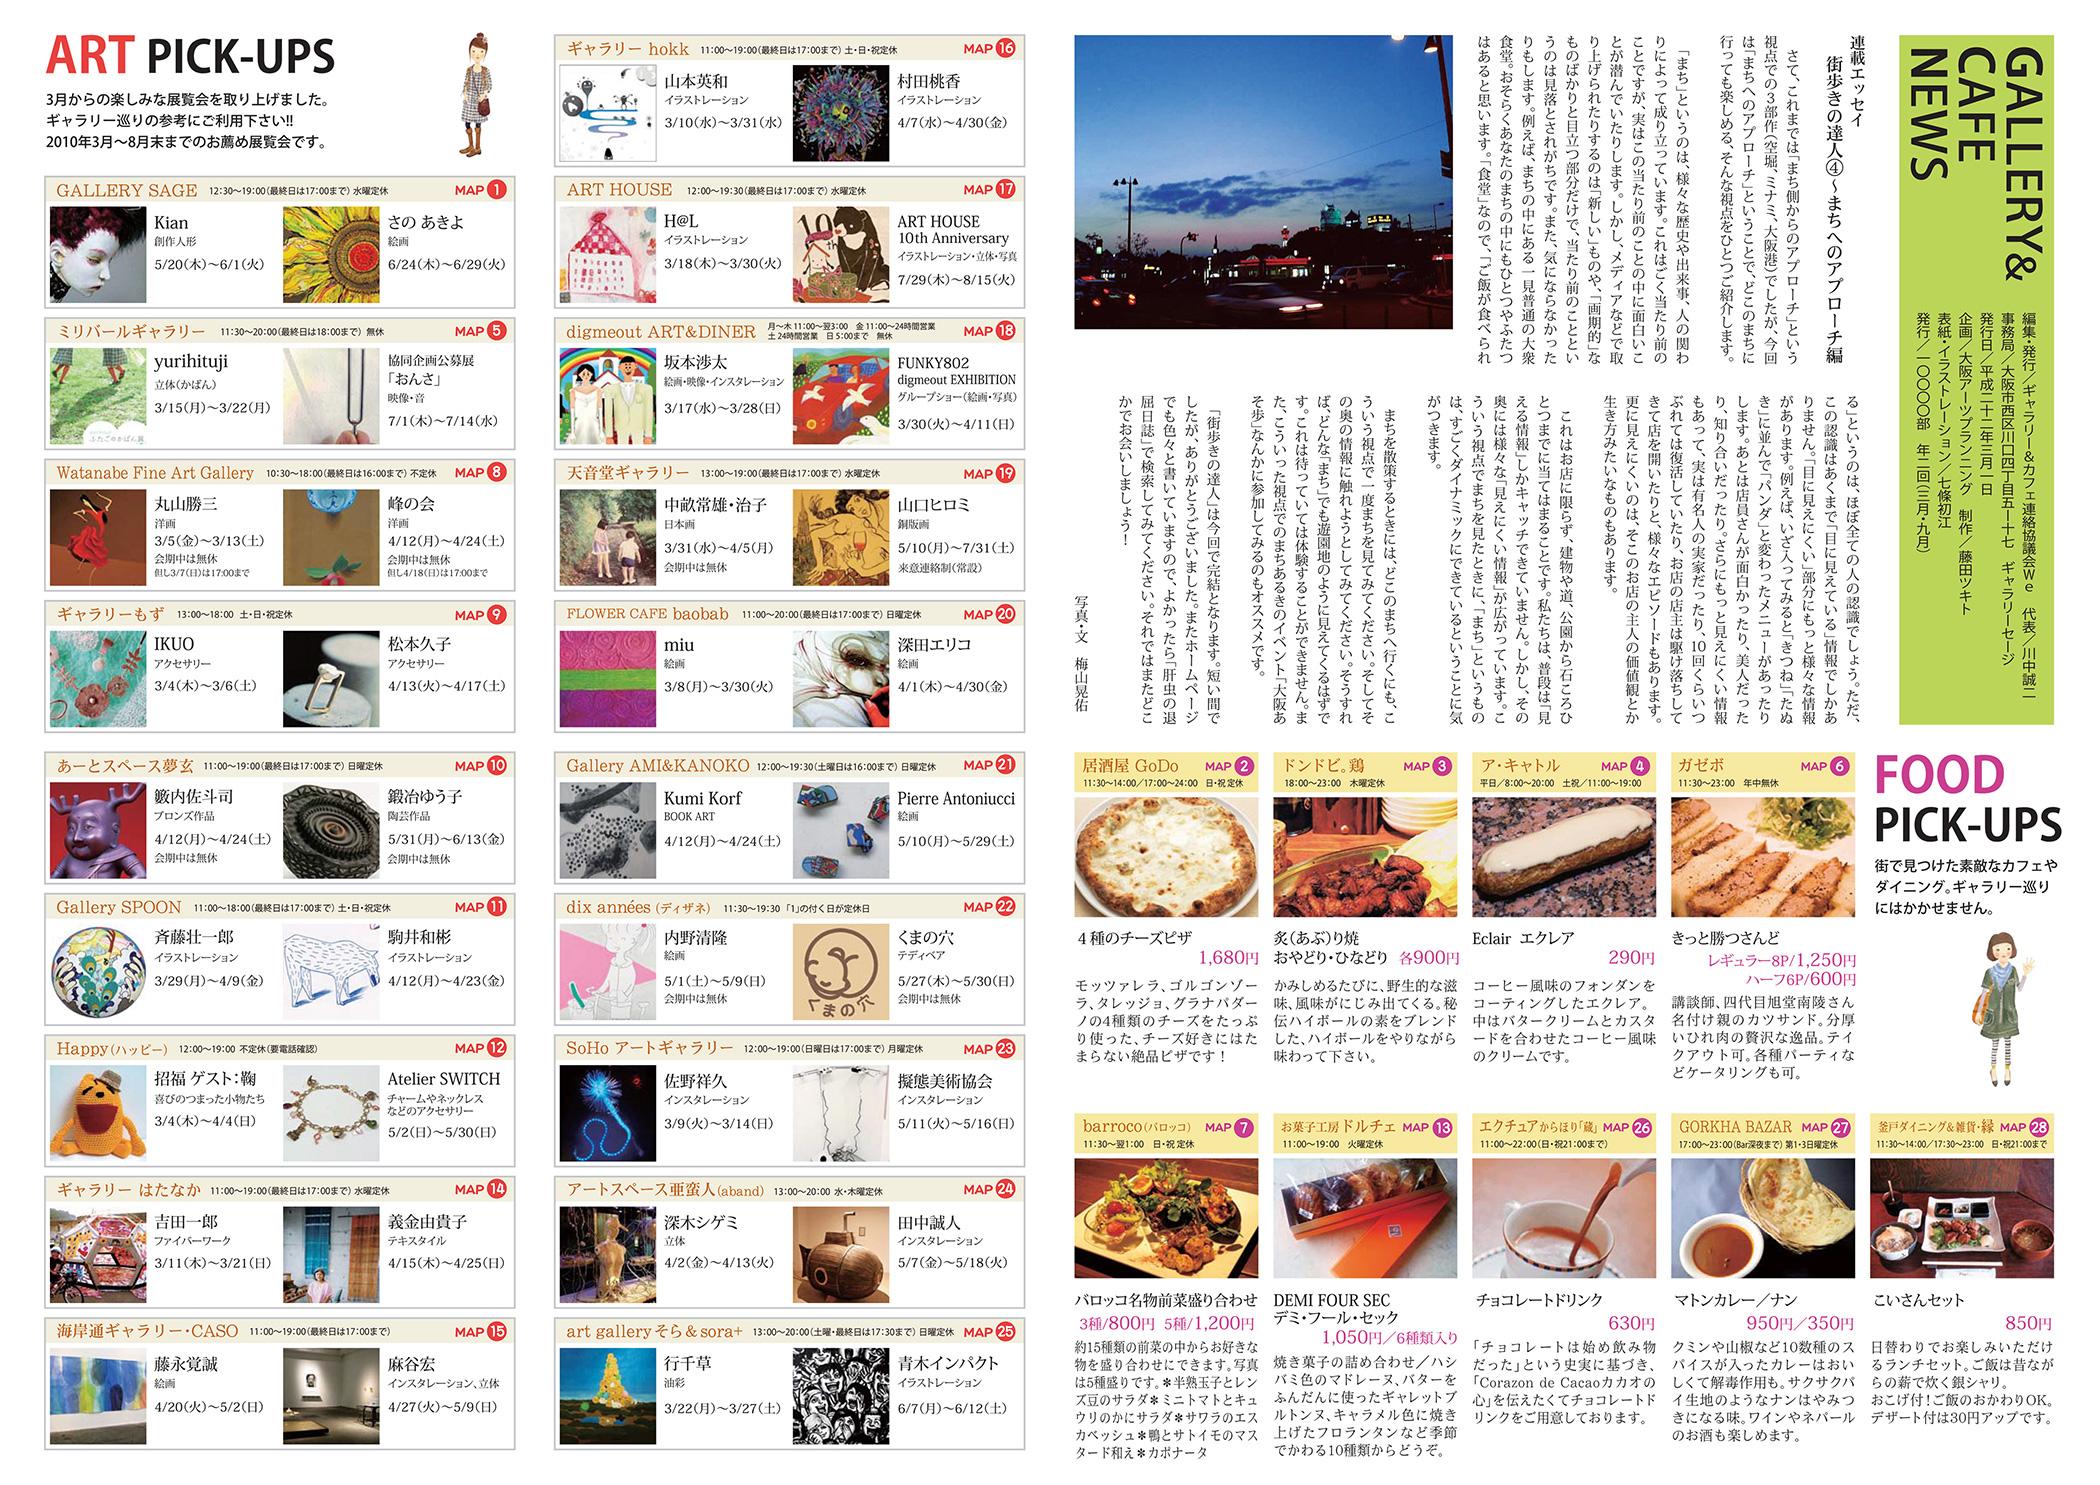 ギャラリー&カフェMAP vol.4 大阪を東西にカルチャーする